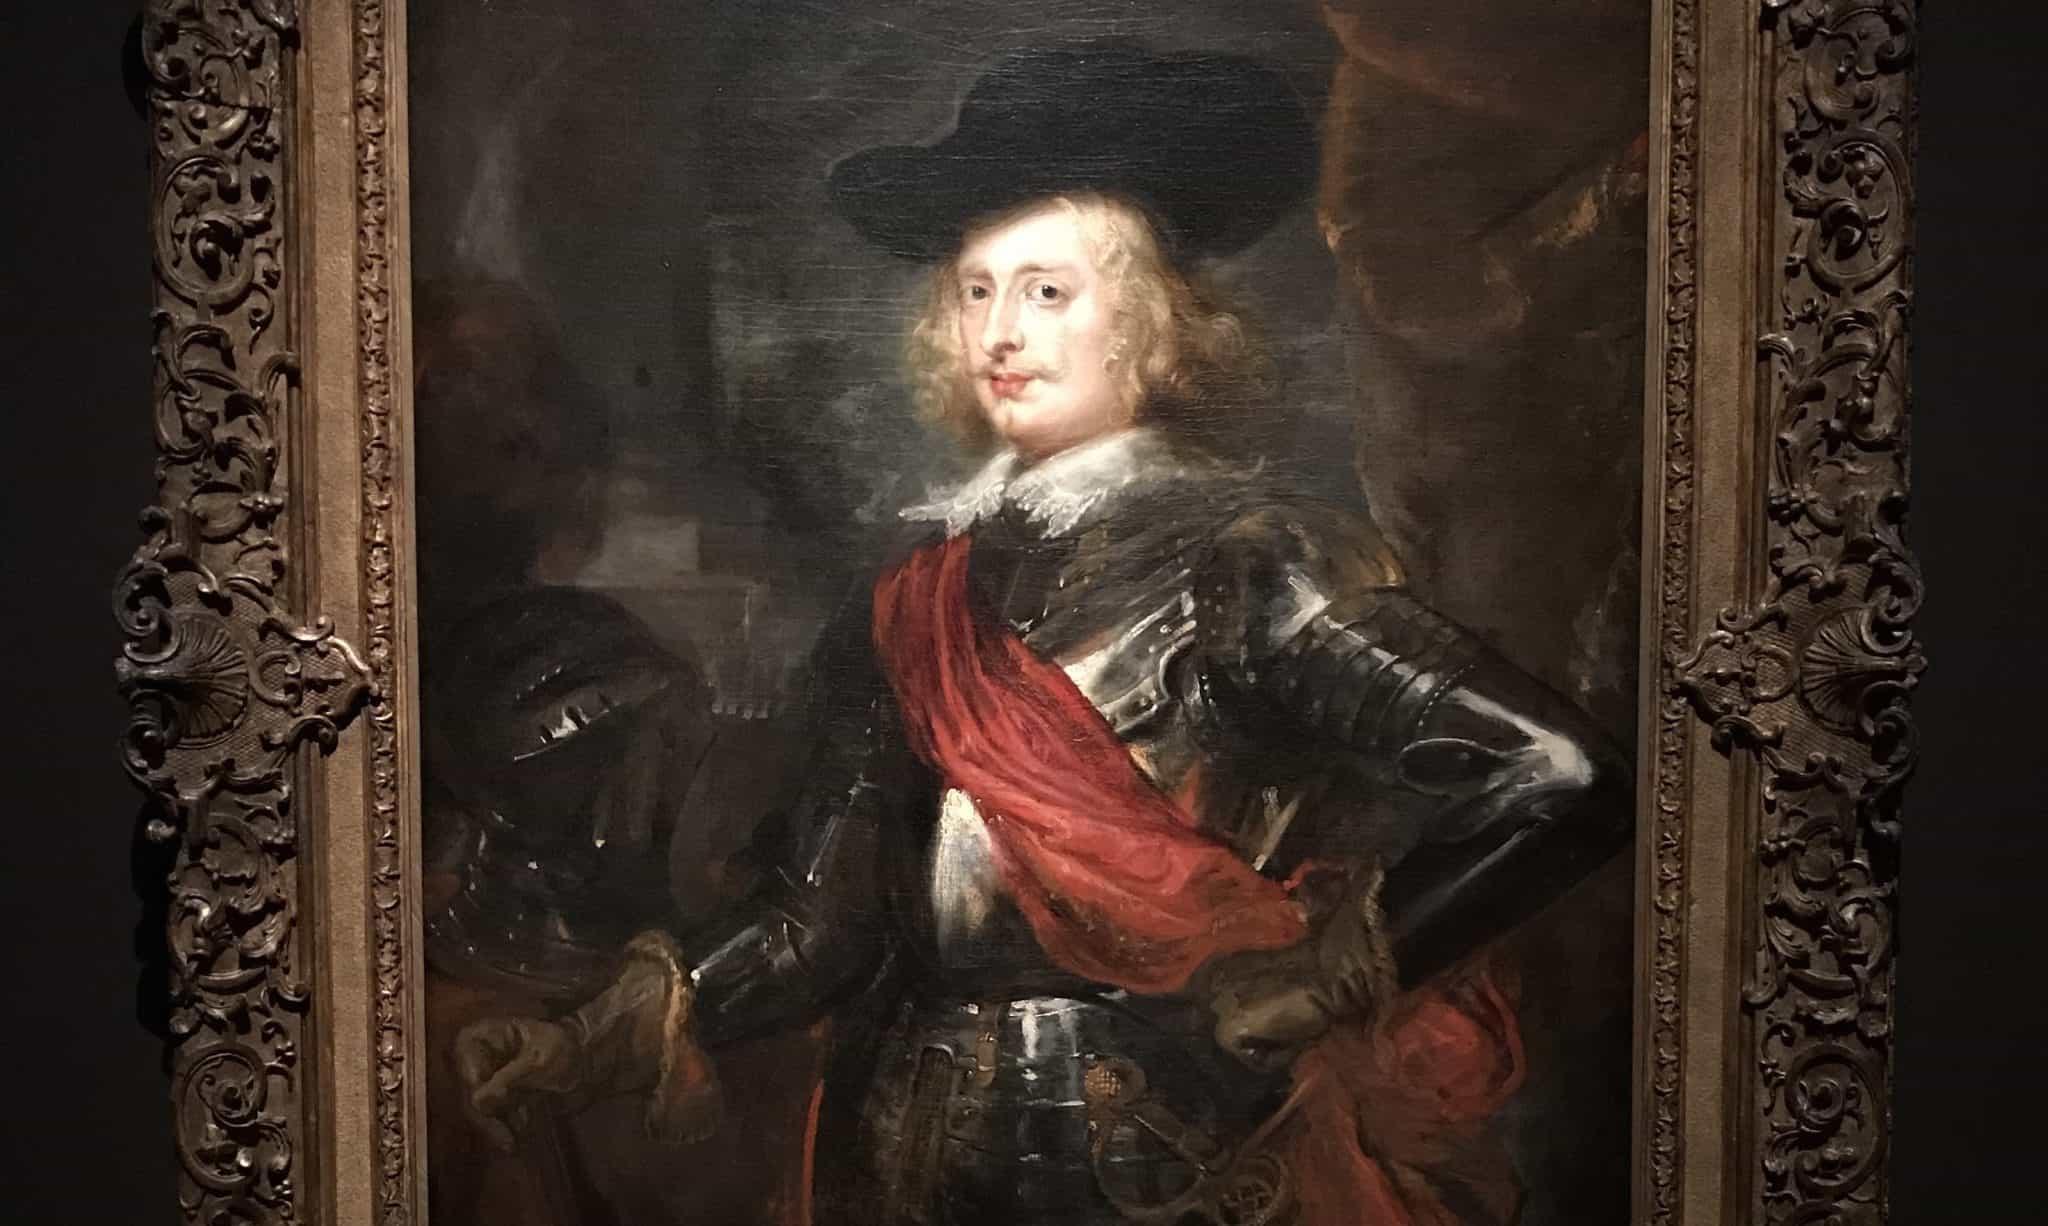 expo Rubens portraits princiers musée luxembourg paris